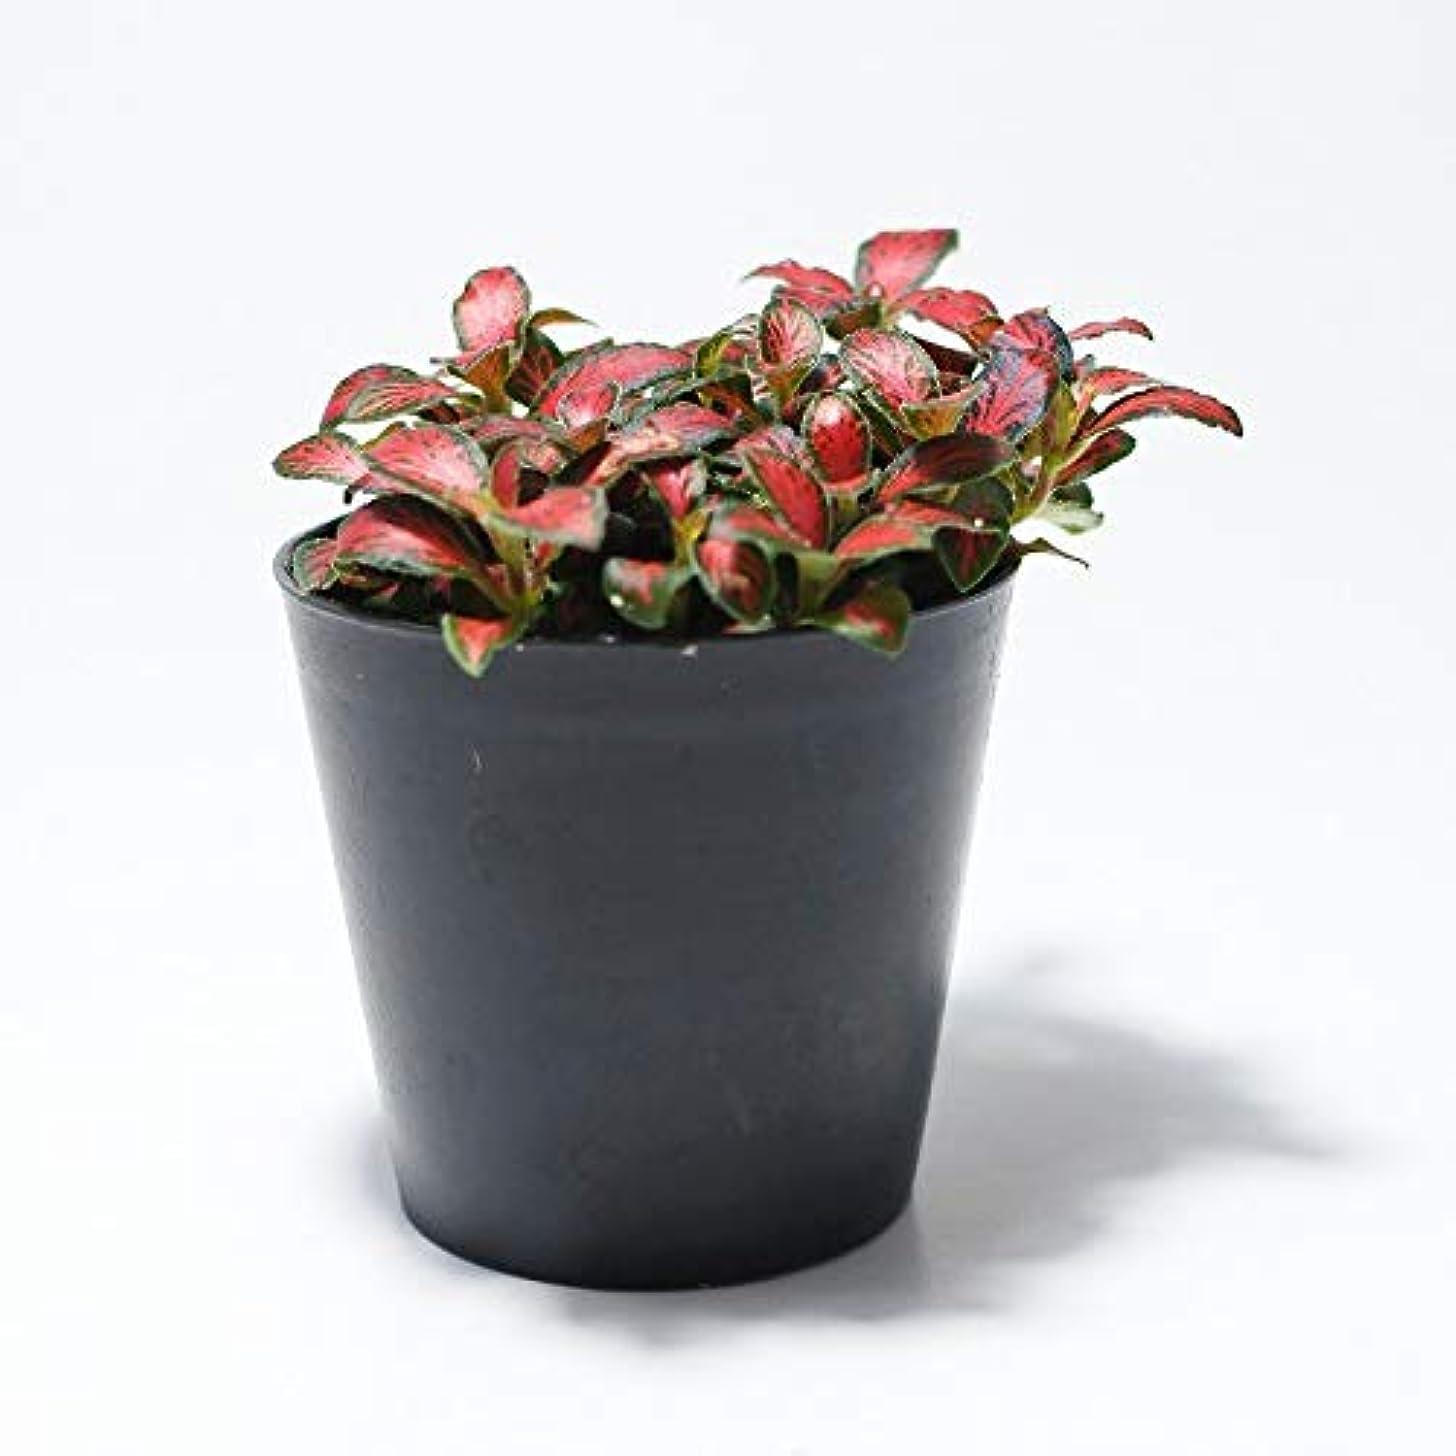 まっすぐ起こりやすいコーラスコケのインテリア コケリウム テラリウム 山野草 苔盆栽 苔玉 フィットニア フォレストフレイム